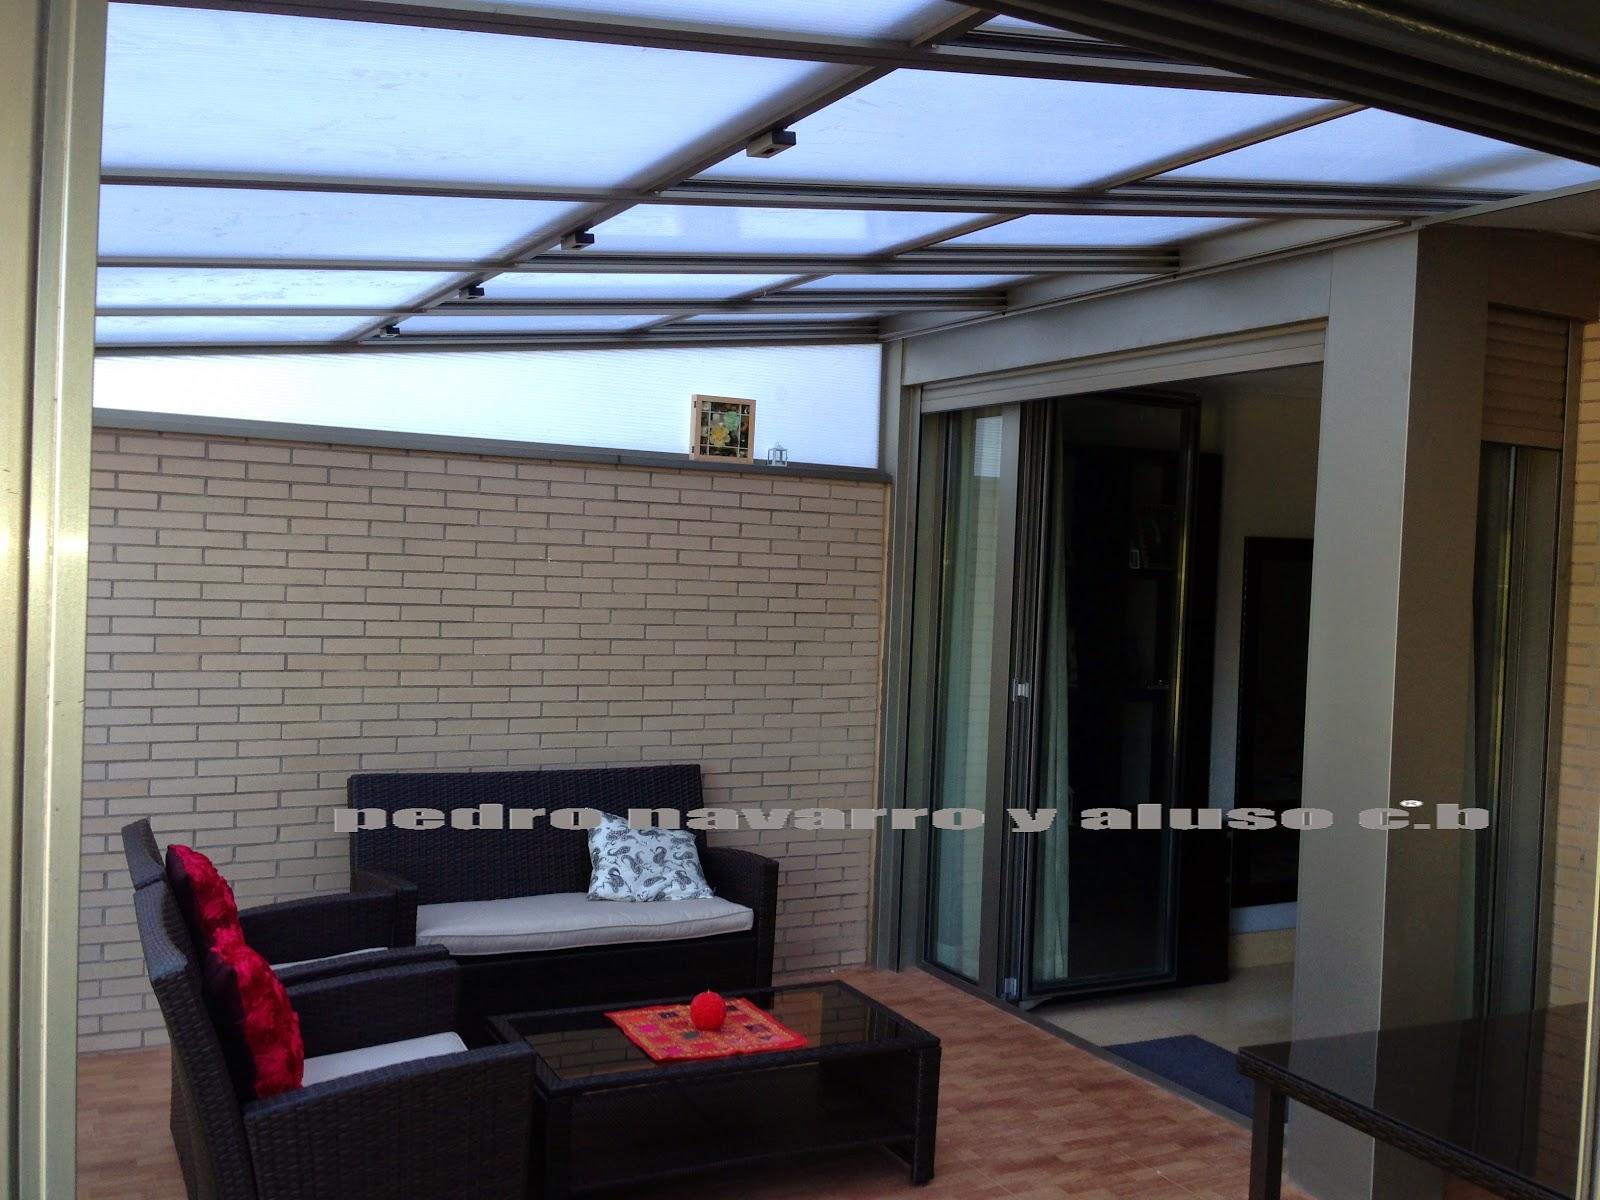 Techos moviles pedro navarro y aluso techos moviles policarbonato - Techos moviles para terrazas ...